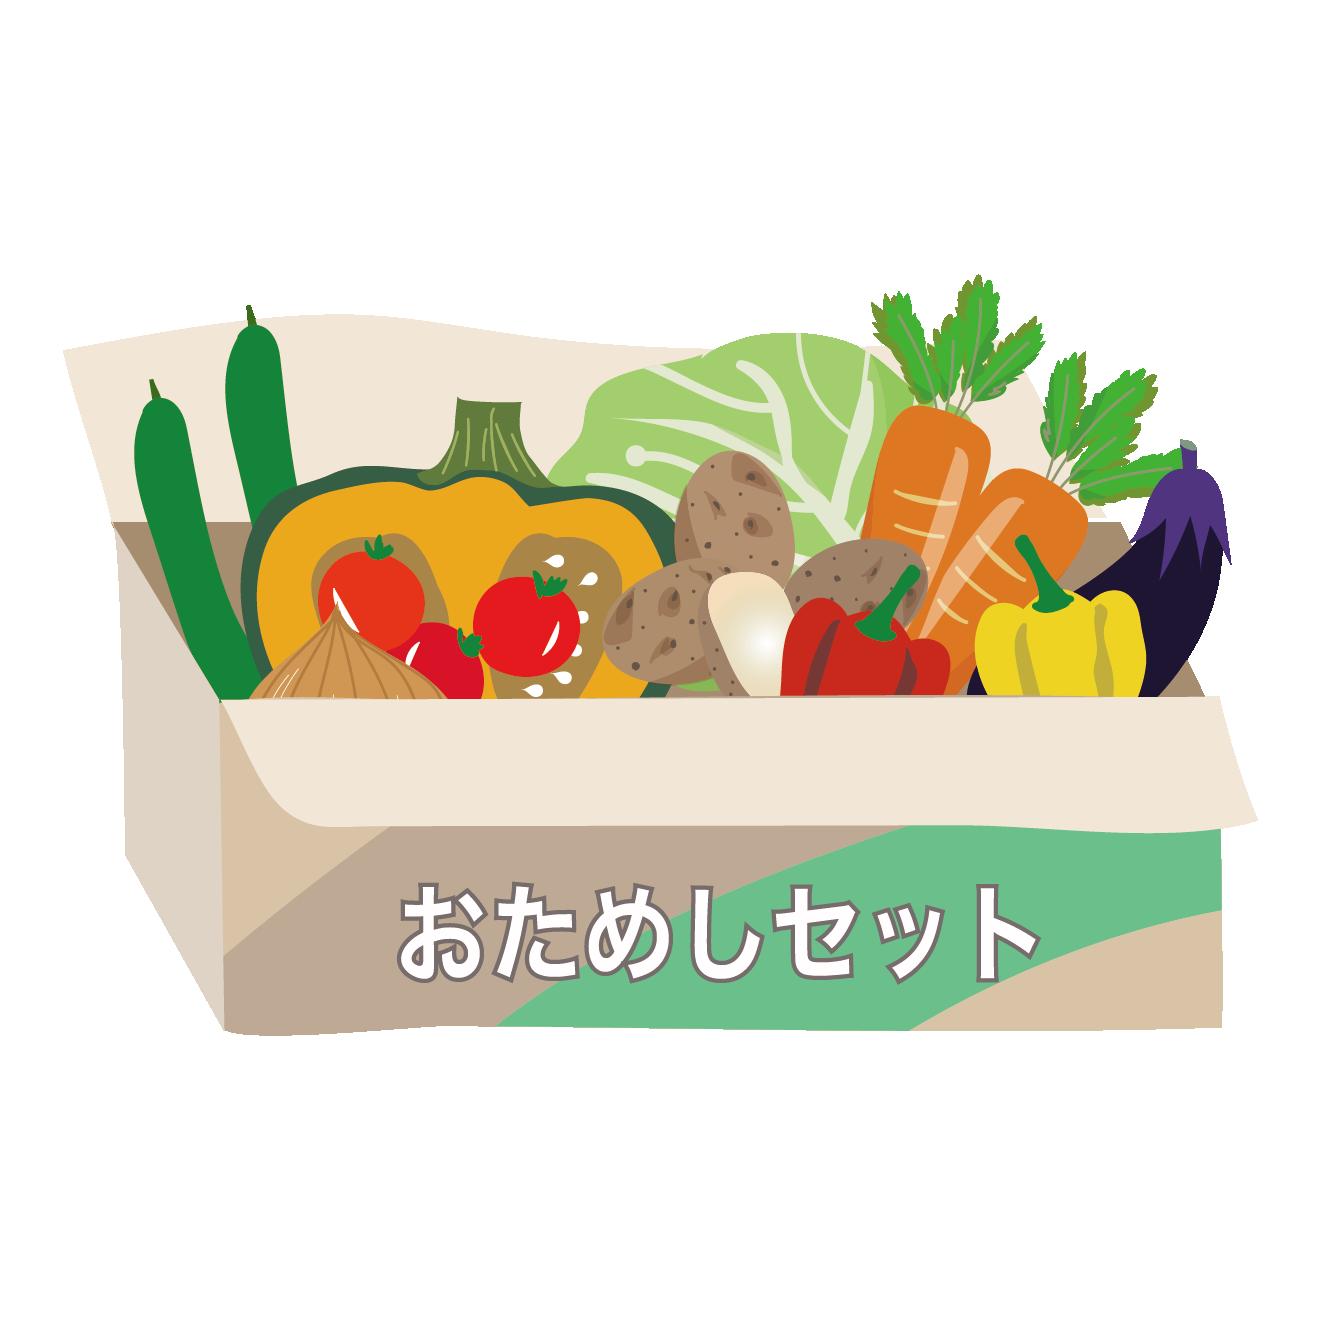 野菜のお試しセット【食材宅配】のイラスト | 商用フリー(無料)の